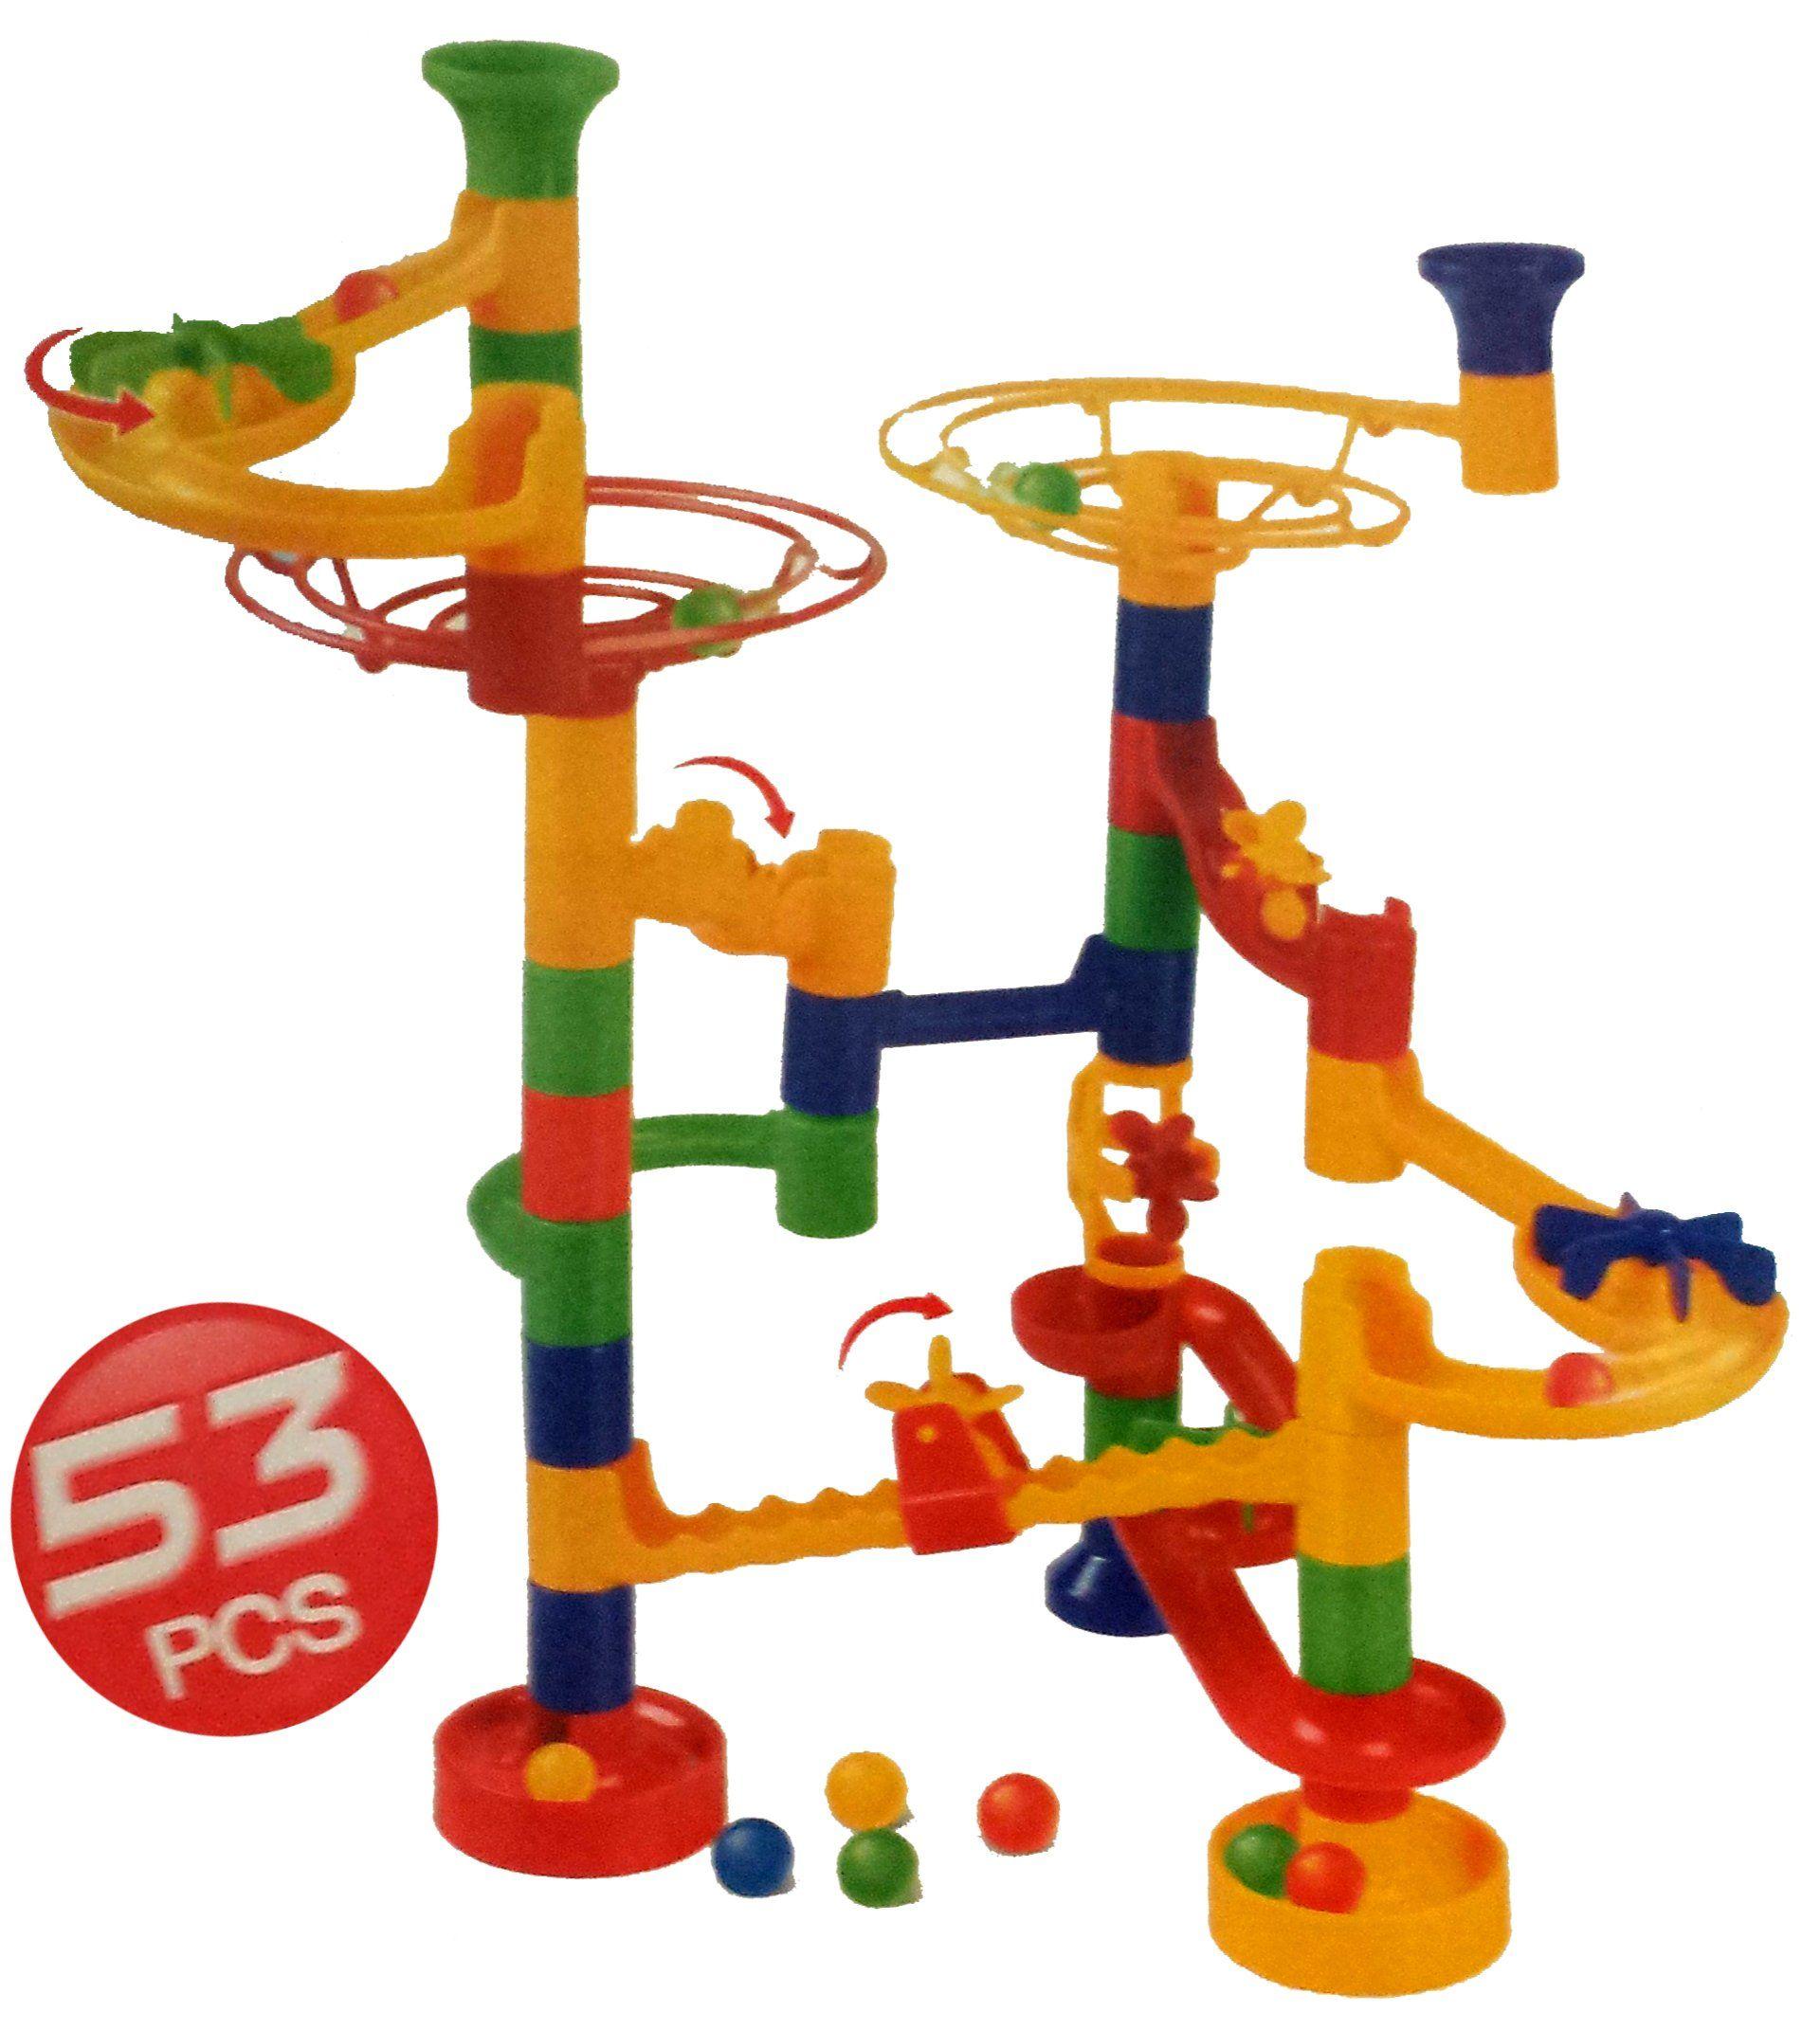 Galt Toys Mega Marble Run Amazon Toys & Games